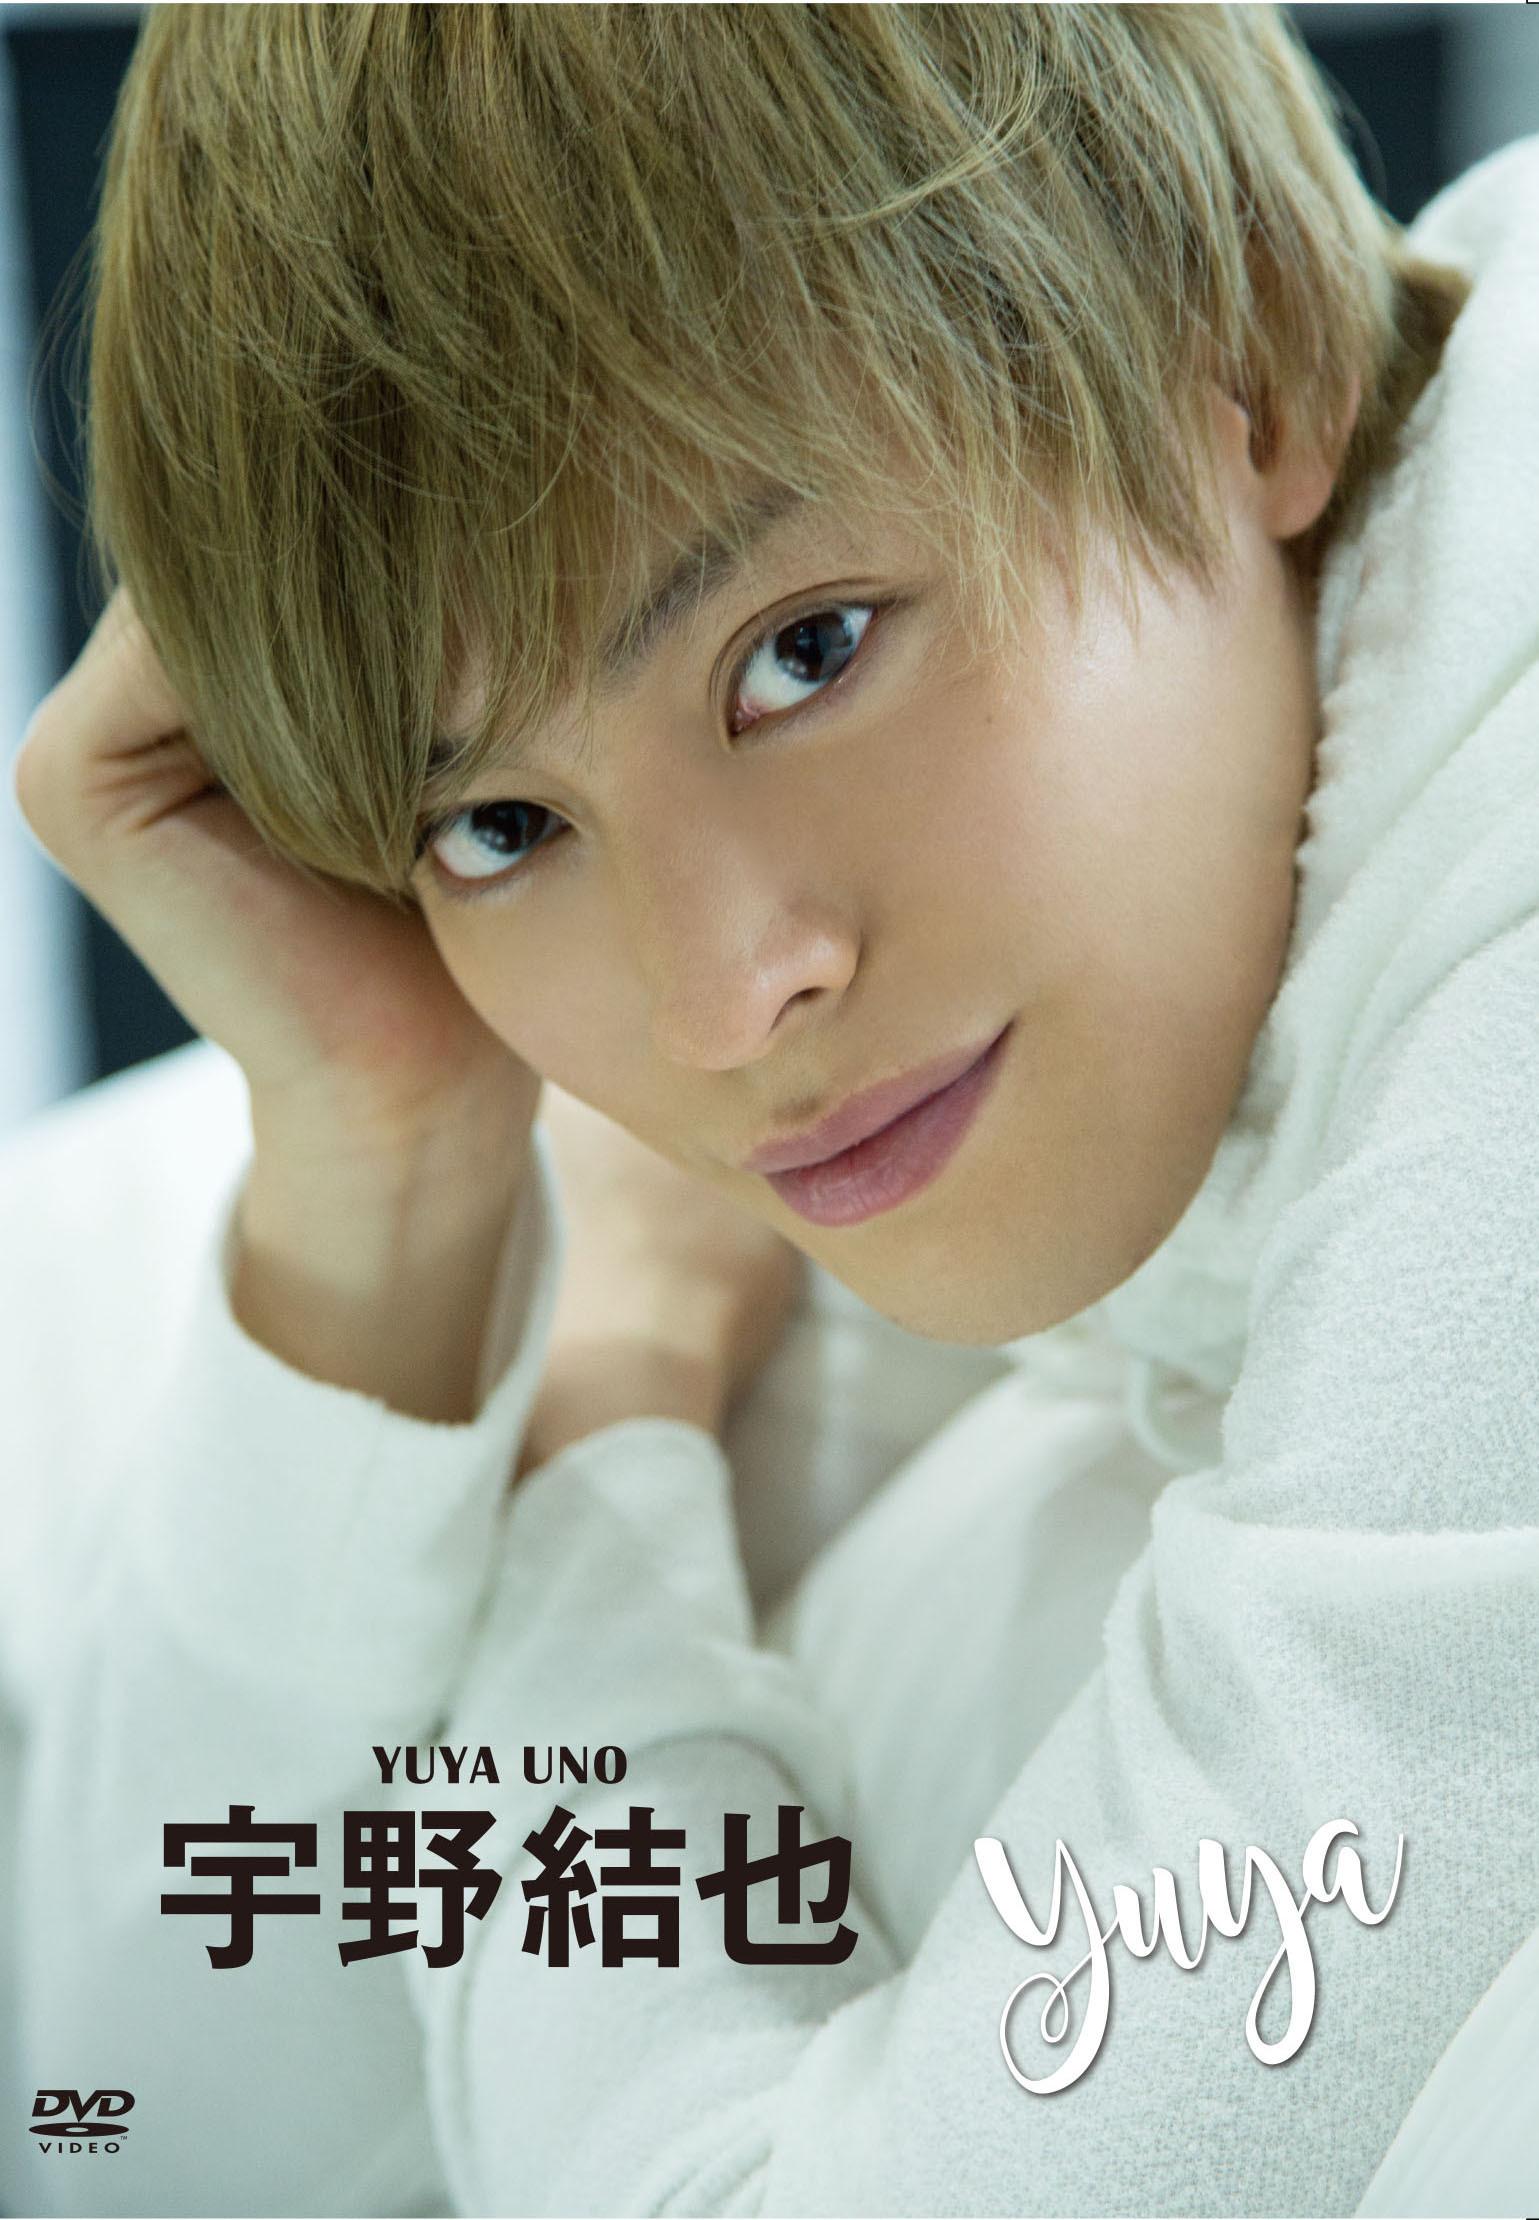 宇野結也1st DVD「YUYA」